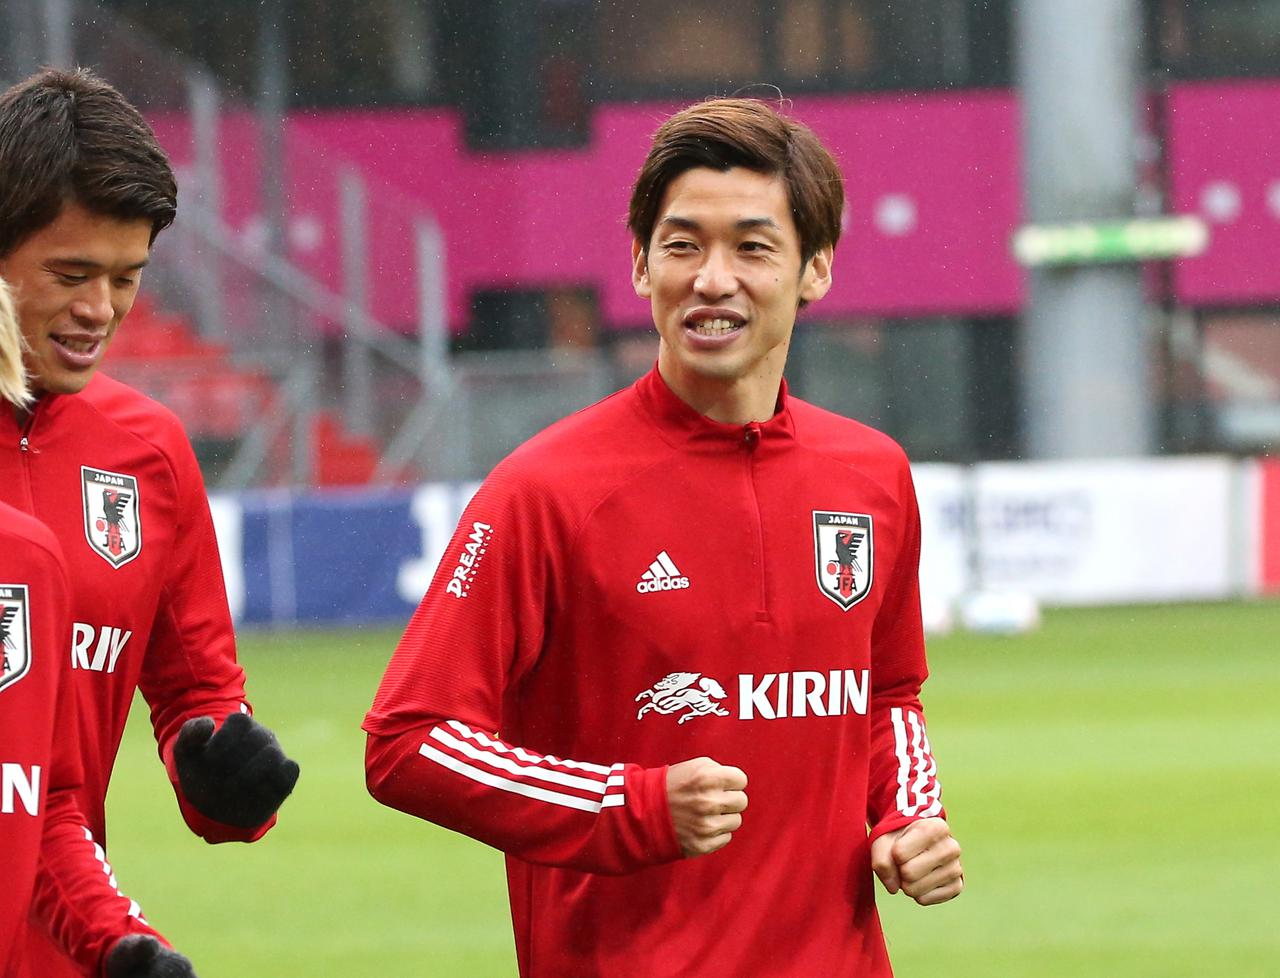 【日本代表】限定1試合へ大迫勇也の思い。「練習では分からないことがある」